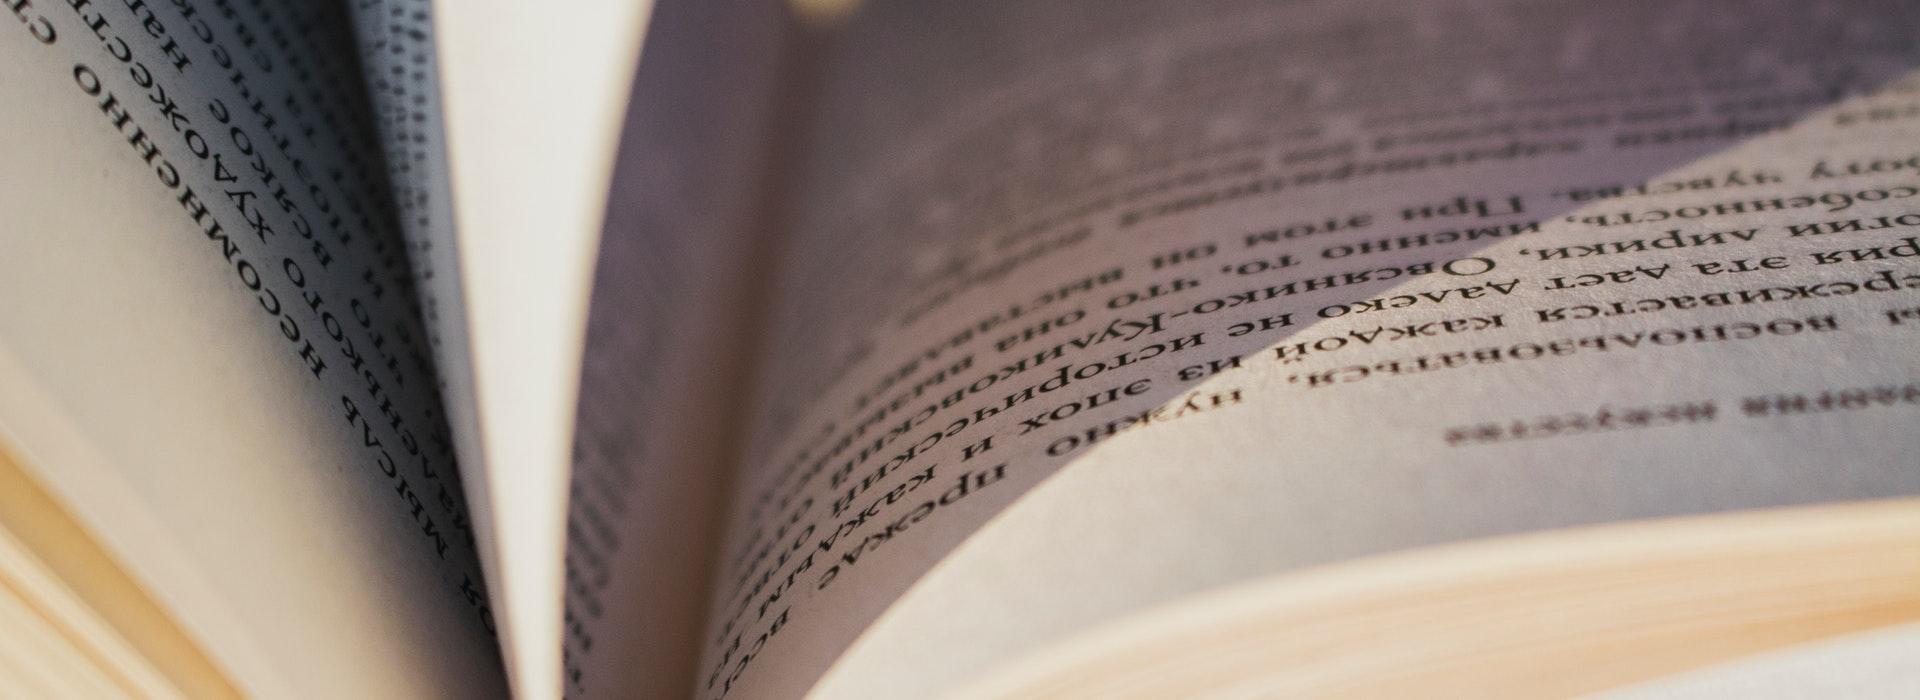 Photo rapprochée d'un livre ouvert avec des pages jaunies